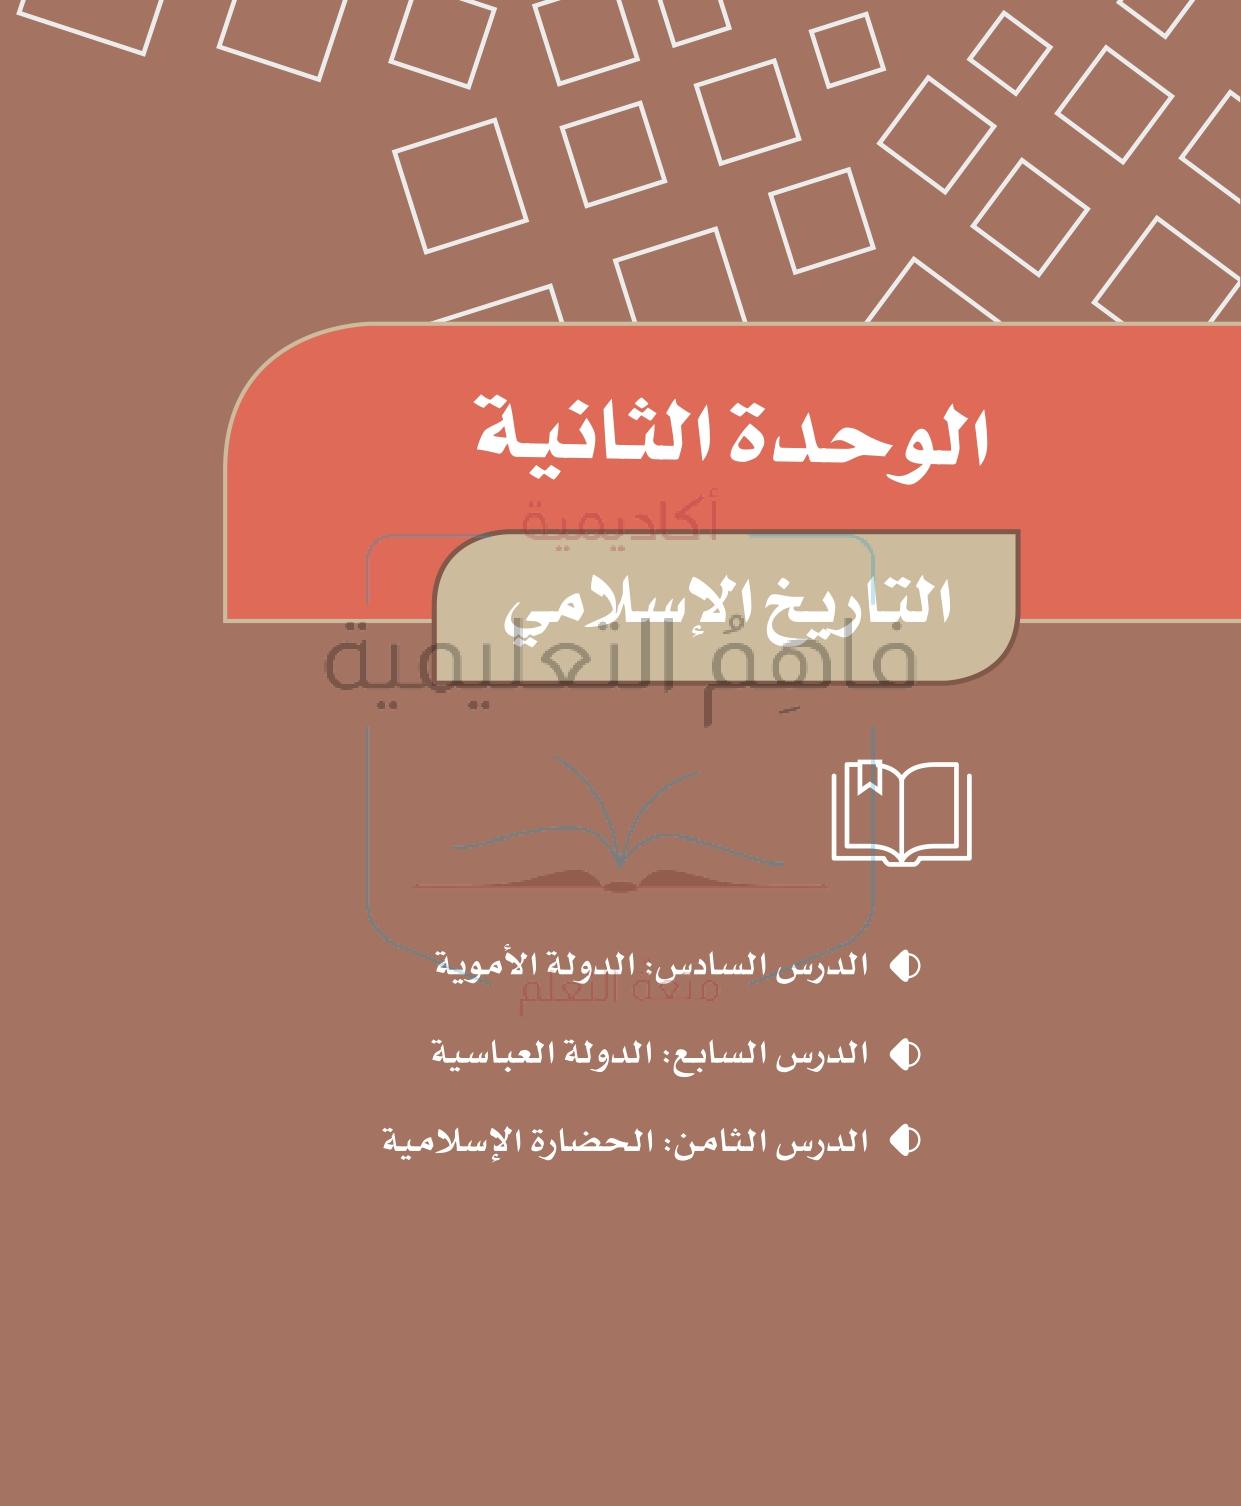 حل دراسات اجتماعية خامس – الوحدة (2) التاريخ الاسلامي – صفحة 36-49